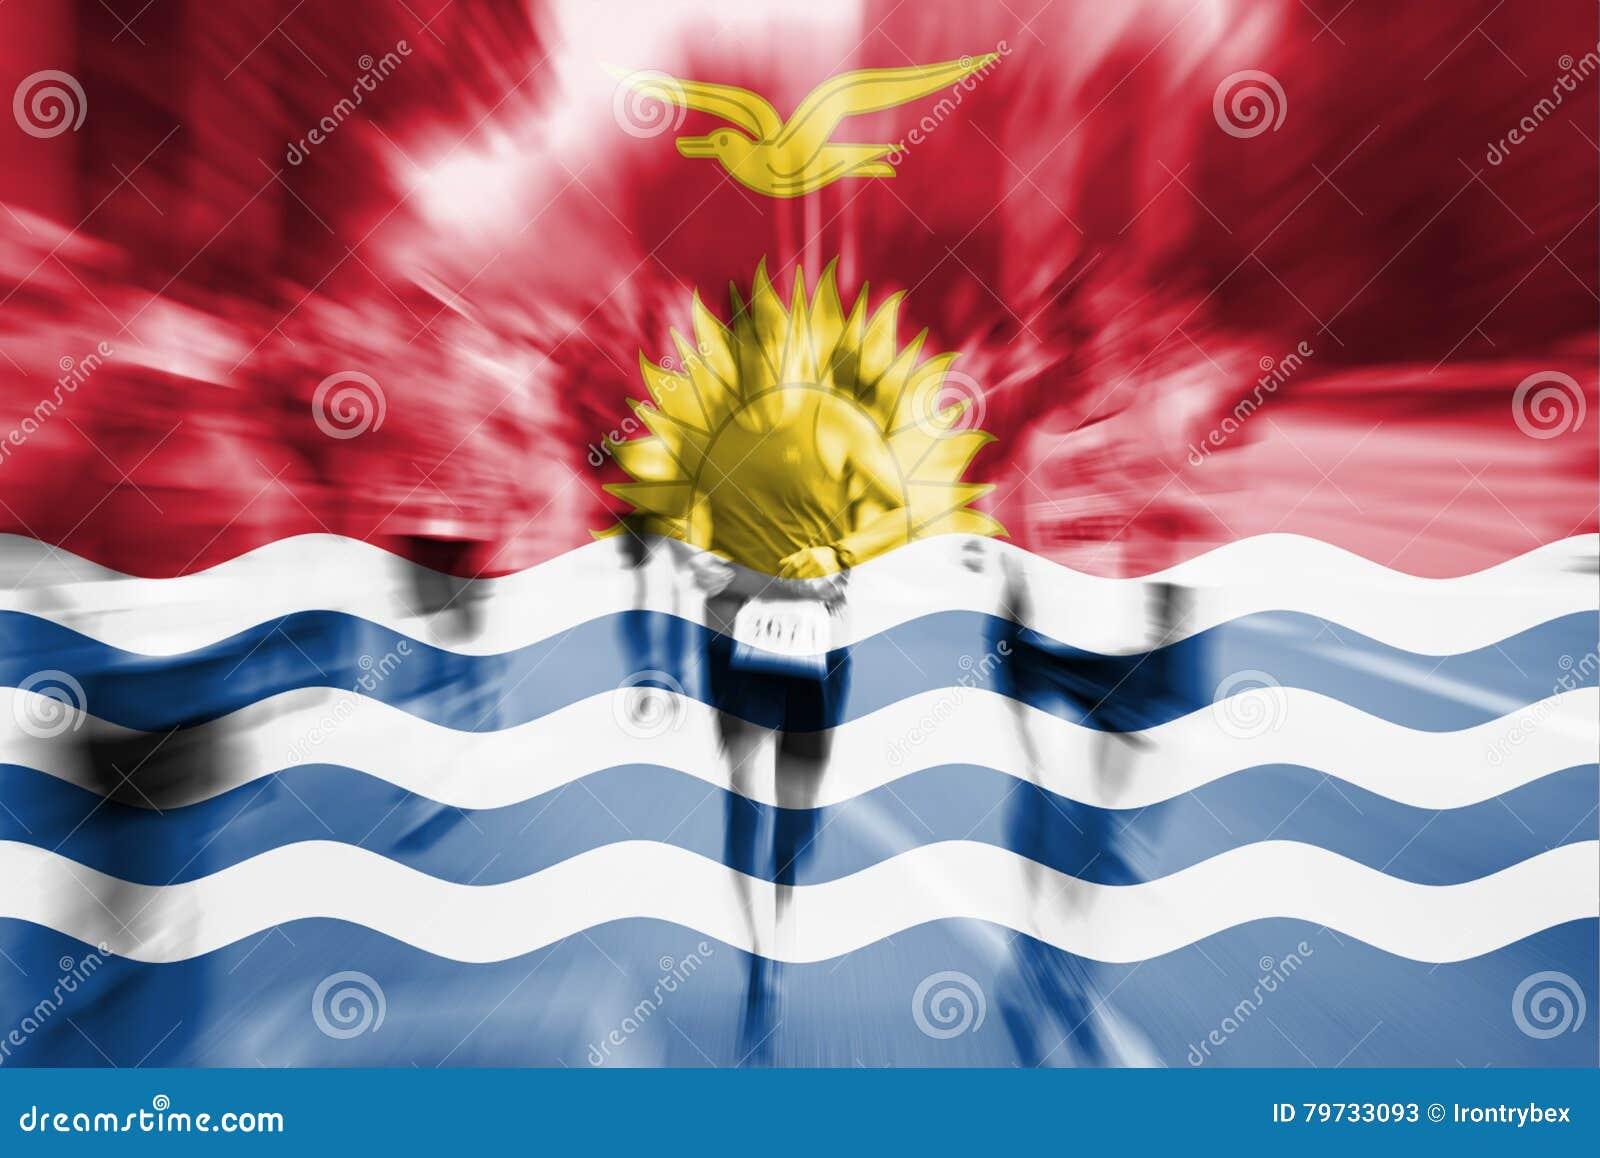 Falta de definición de movimiento del corredor de maratón con la mezcla de la bandera de Kiribati